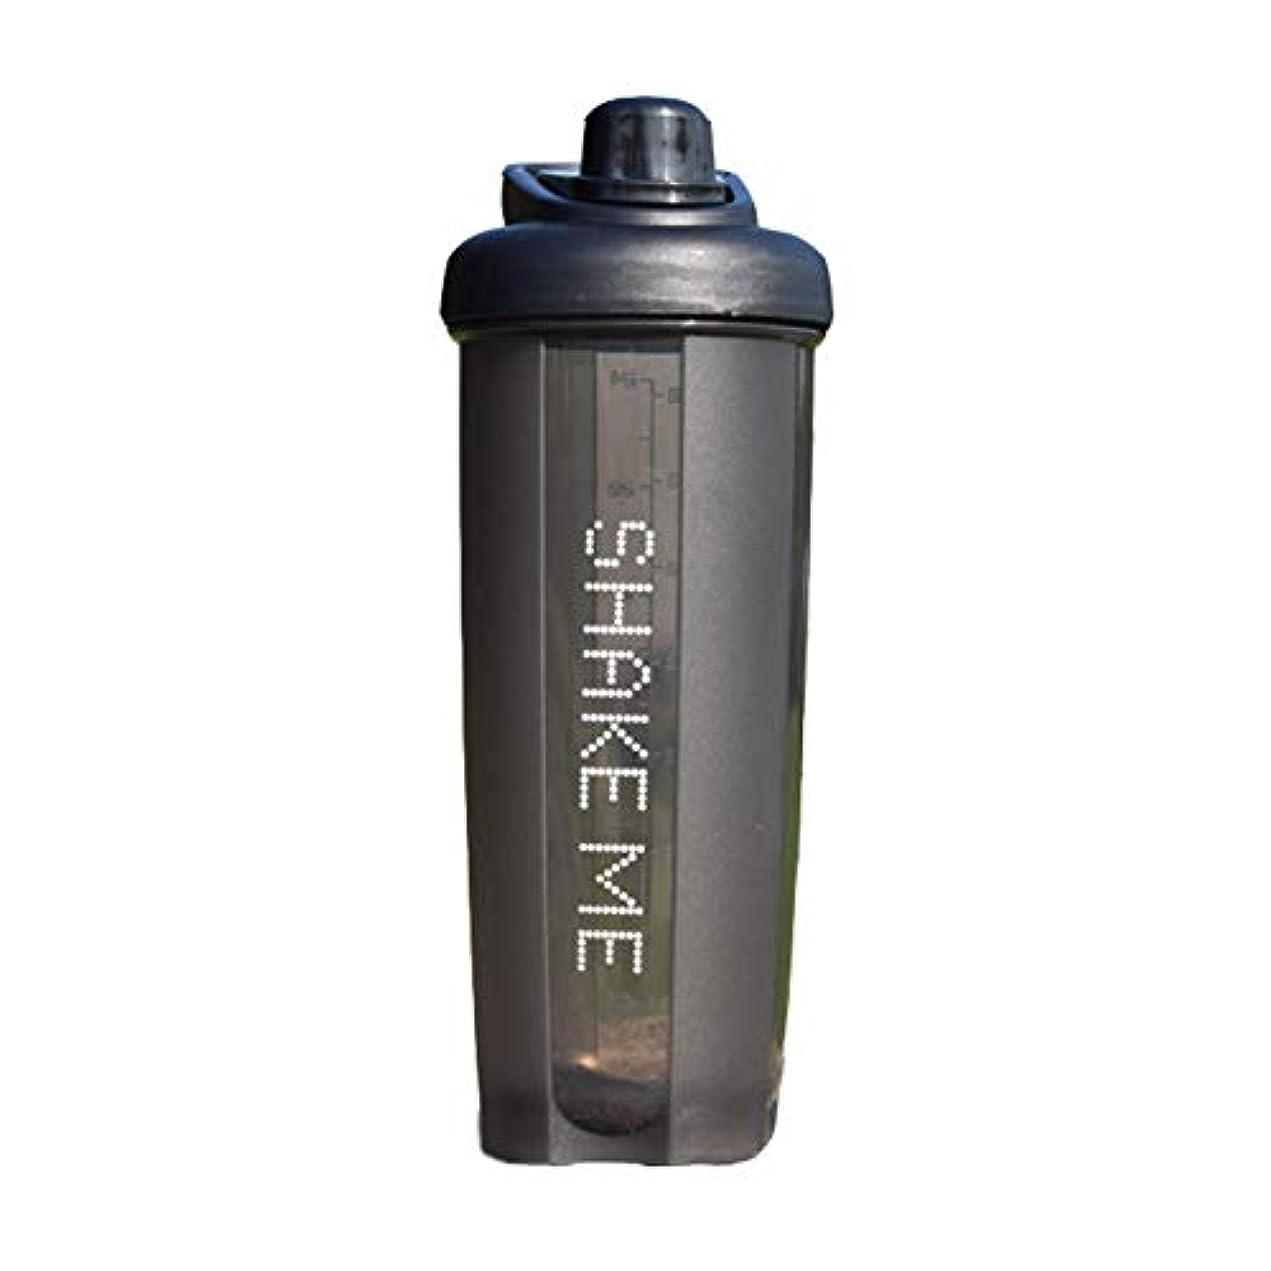 無効にする強大な唯物論GOIOD ブレンダーボトル ミキサー シェーカー ボトル Classic (500-700ml) ブラック